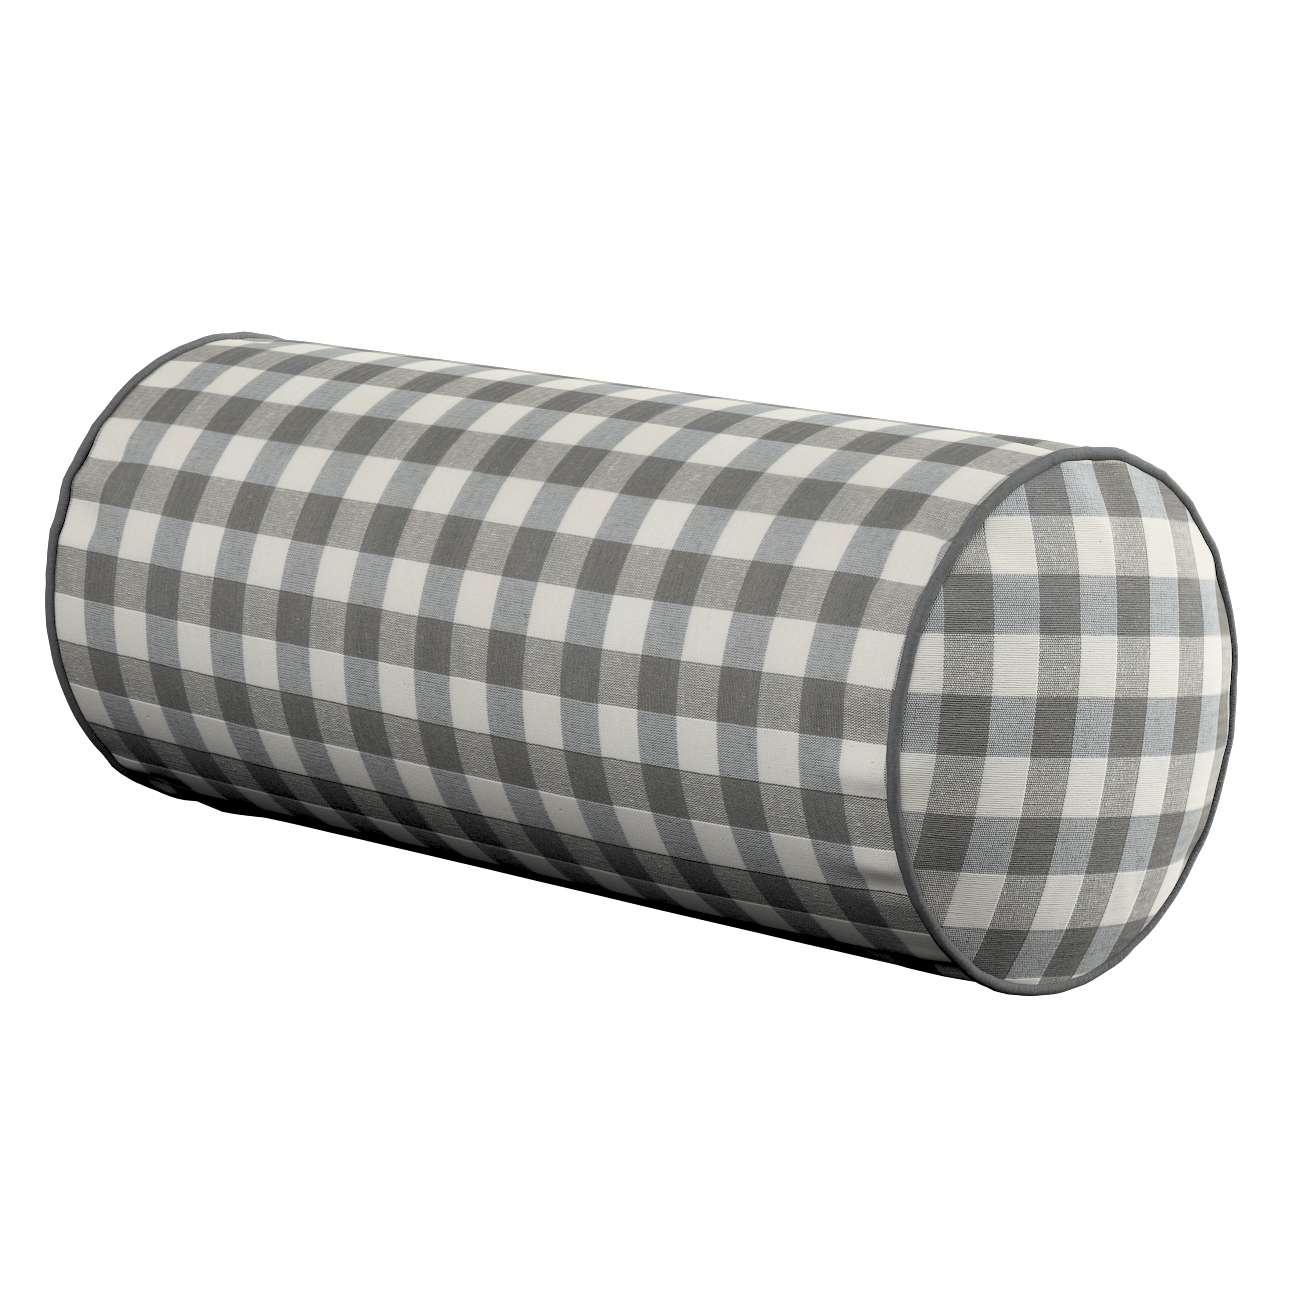 Poduszka wałek prosty Ø 16 x 40 cm w kolekcji Quadro, tkanina: 136-11